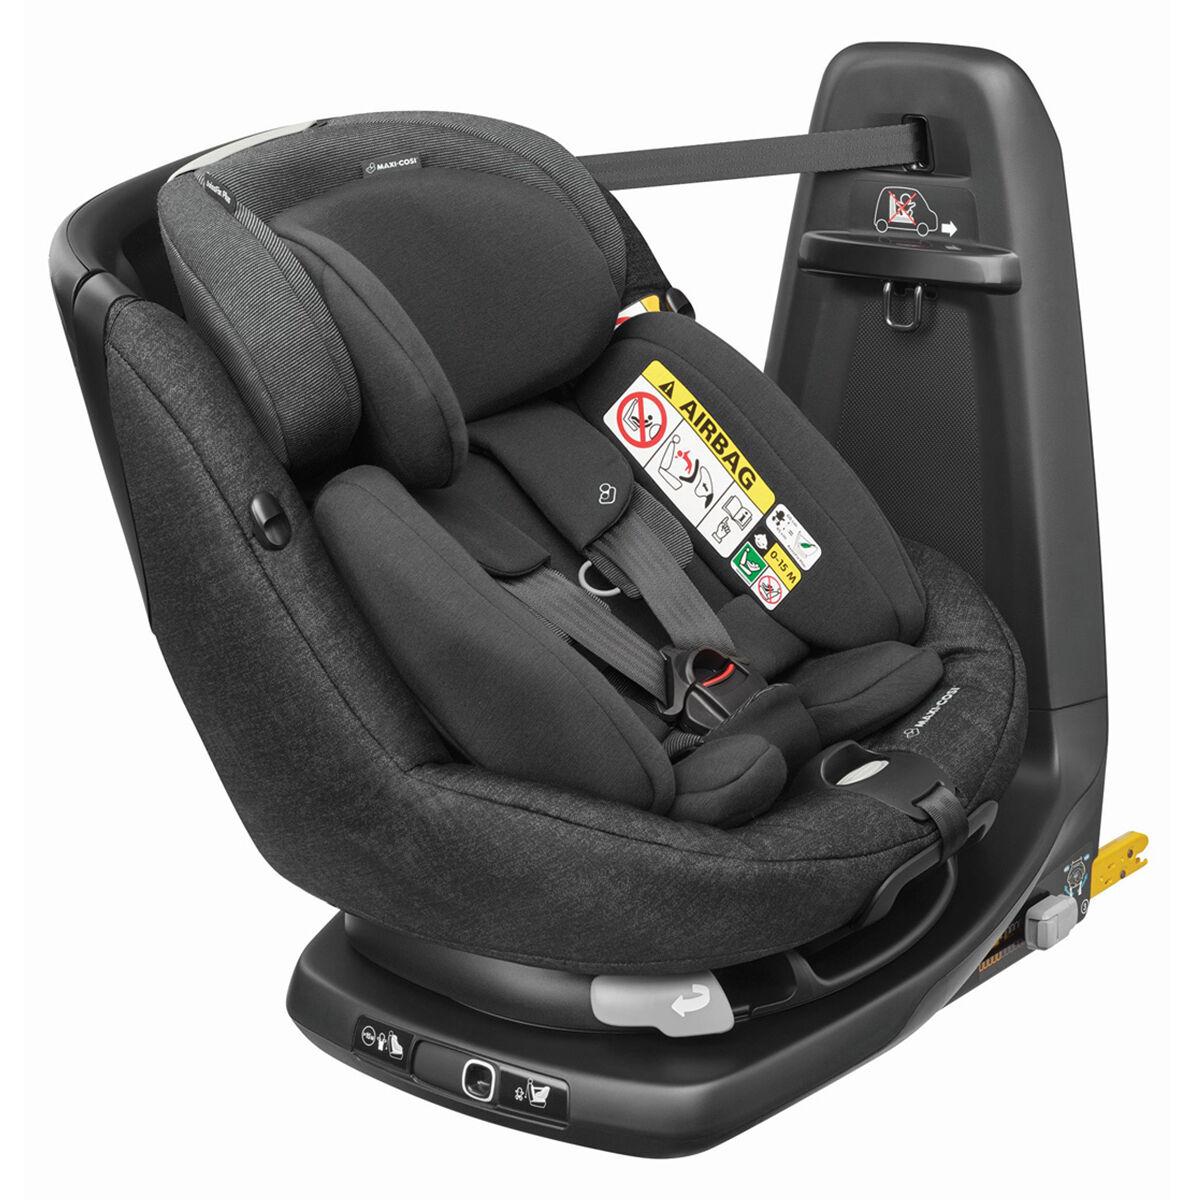 Bébé Confort Siège Auto AxissFix Plus i-Size Groupe 0+/1 - Nomad Black